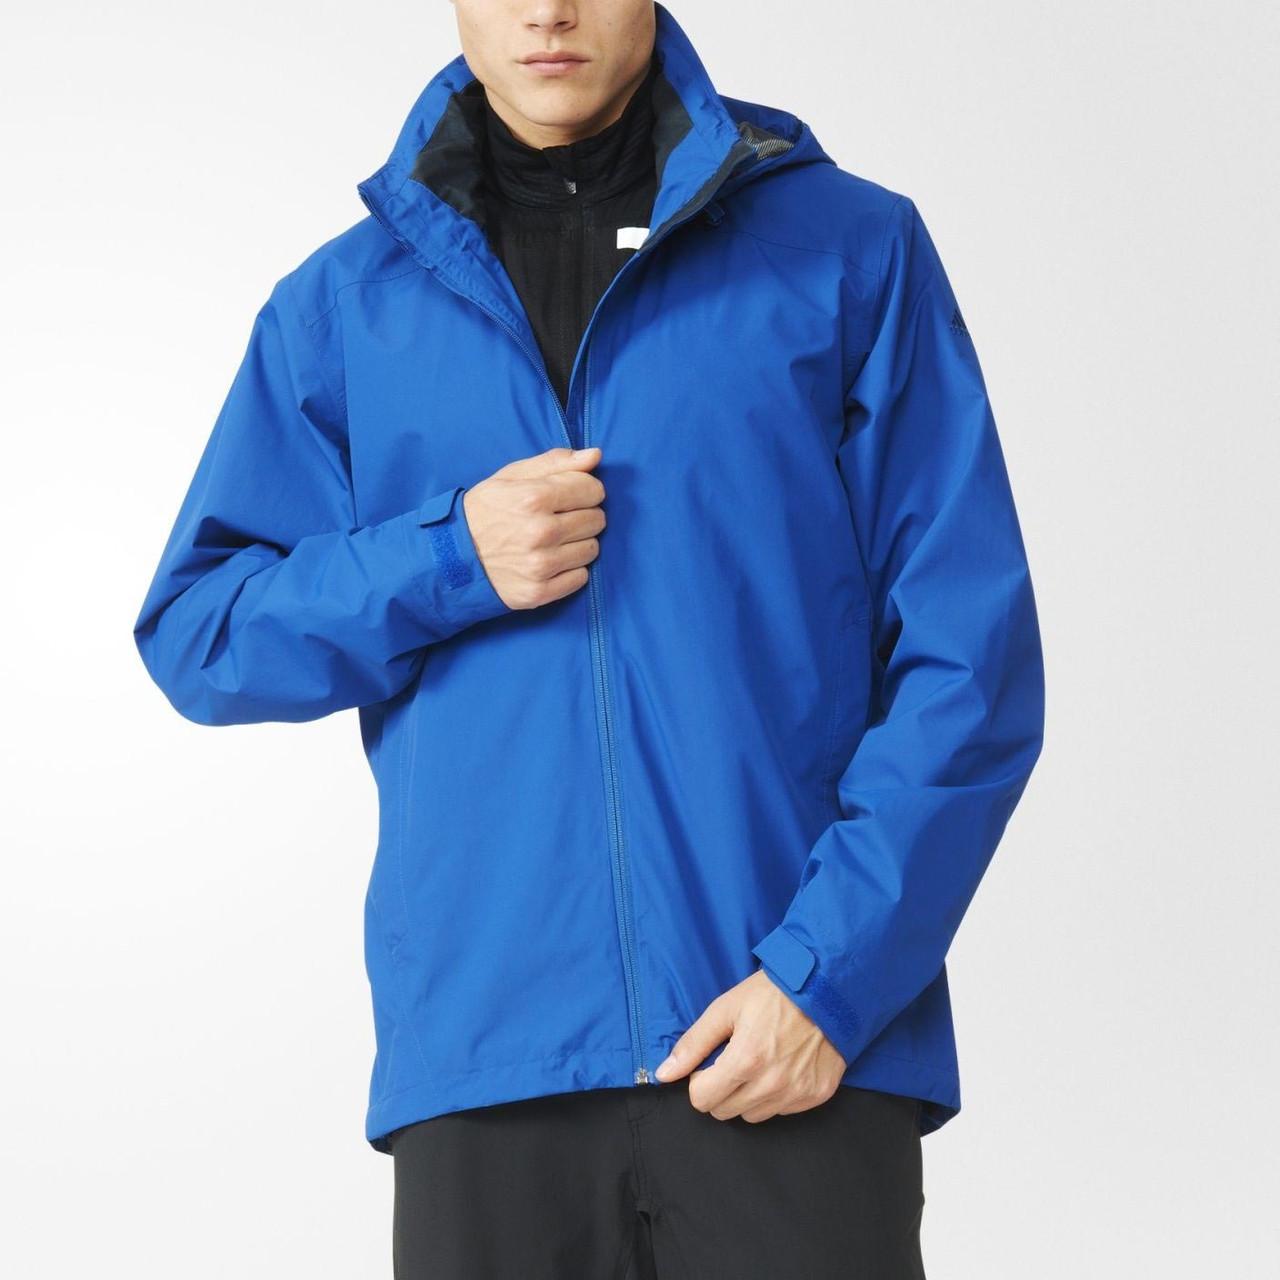 Ветровка спортивная мужская adidas 2L GTX JKT AO2377 (синяя, непромокаемая, непродуваемая, с логотипом адидас)